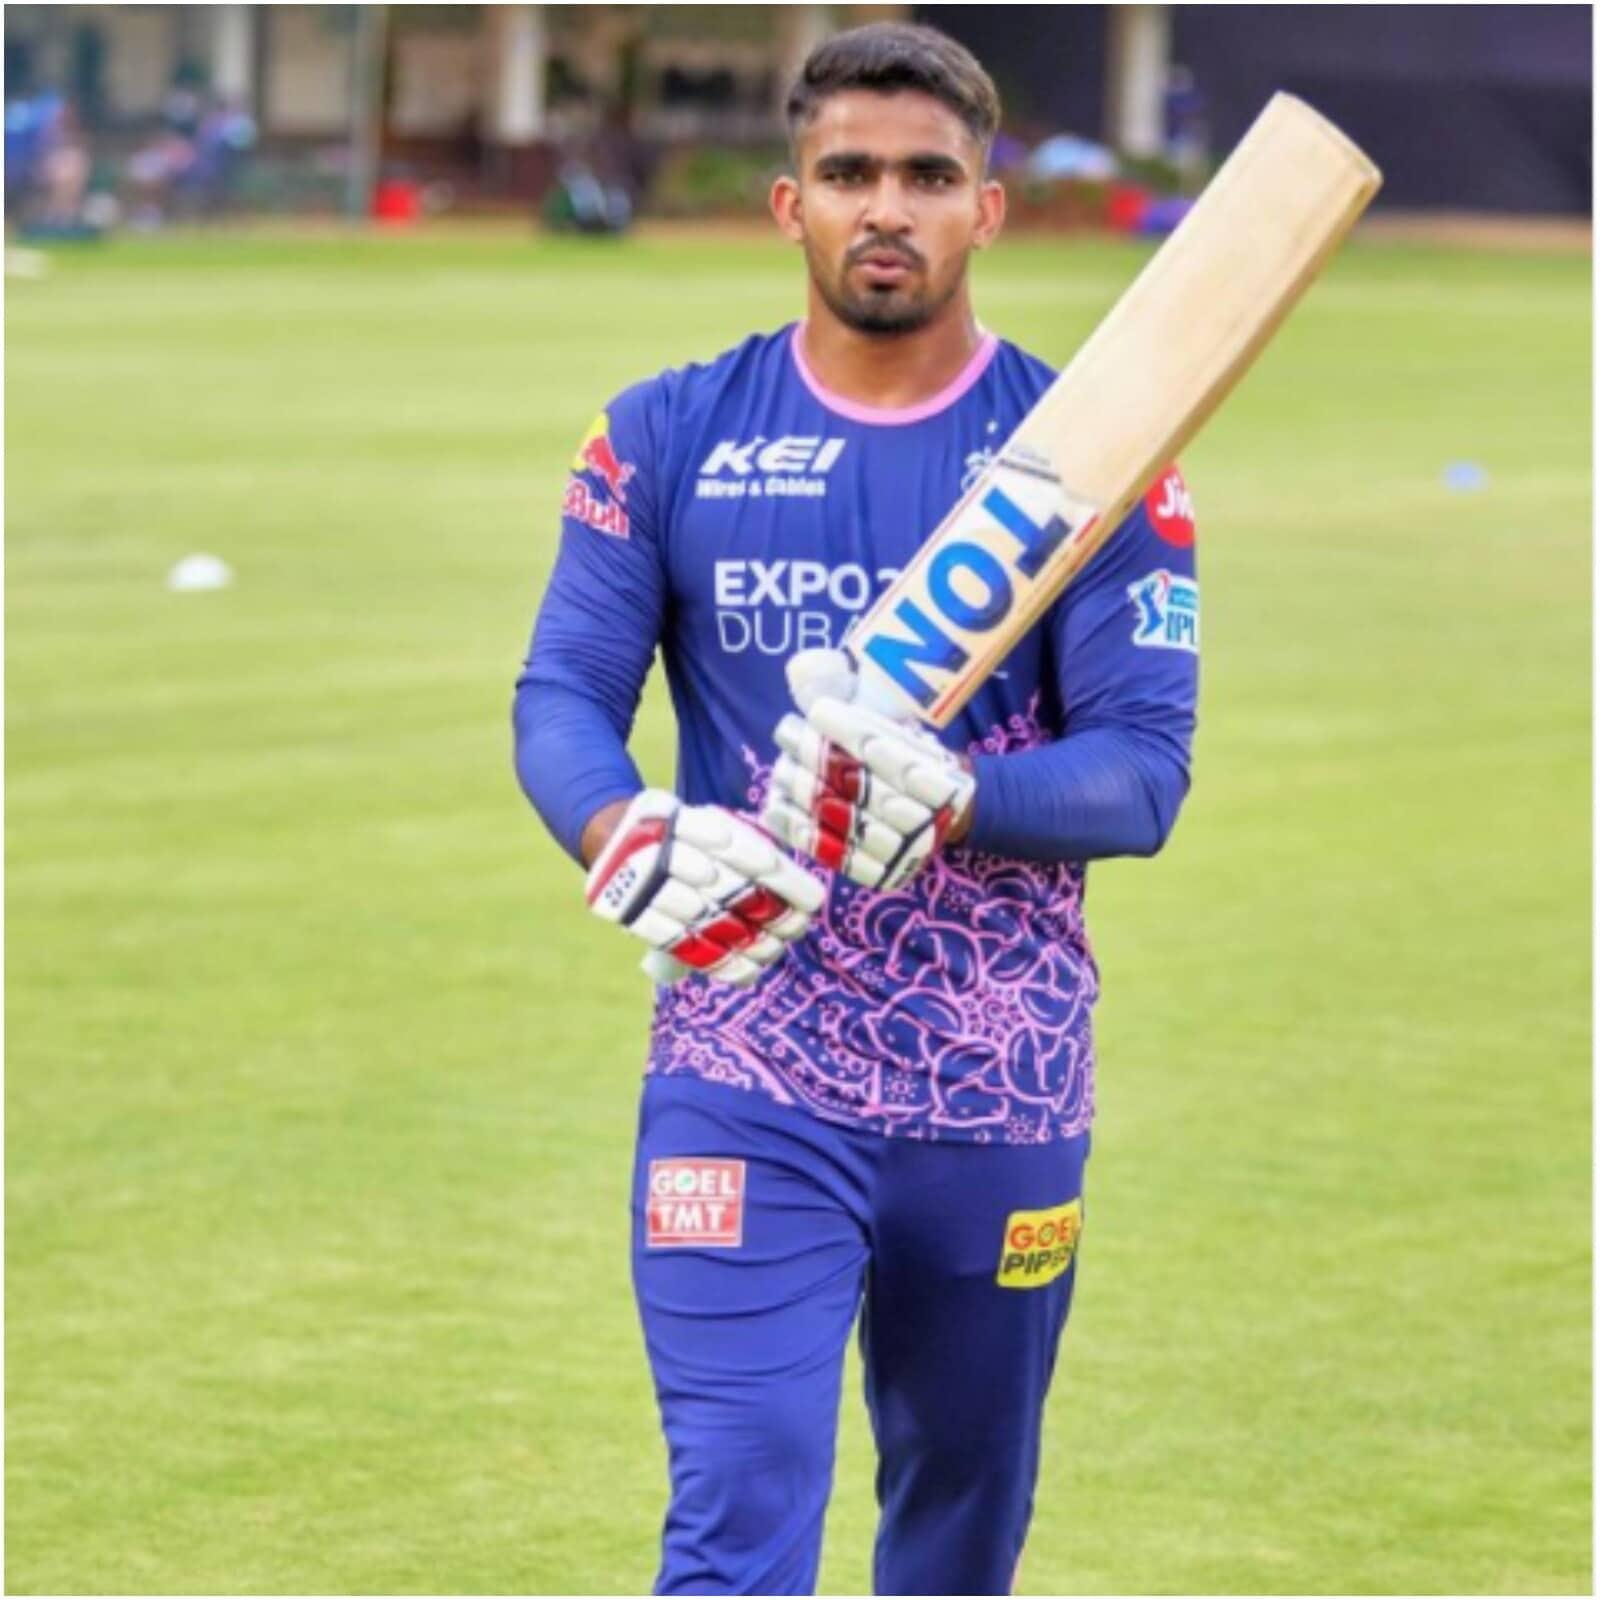 IPL 2021 : भारताचा 'क्रिस गेल', आजीने धोपाटण्याने बनवलं क्रिकेटपटू